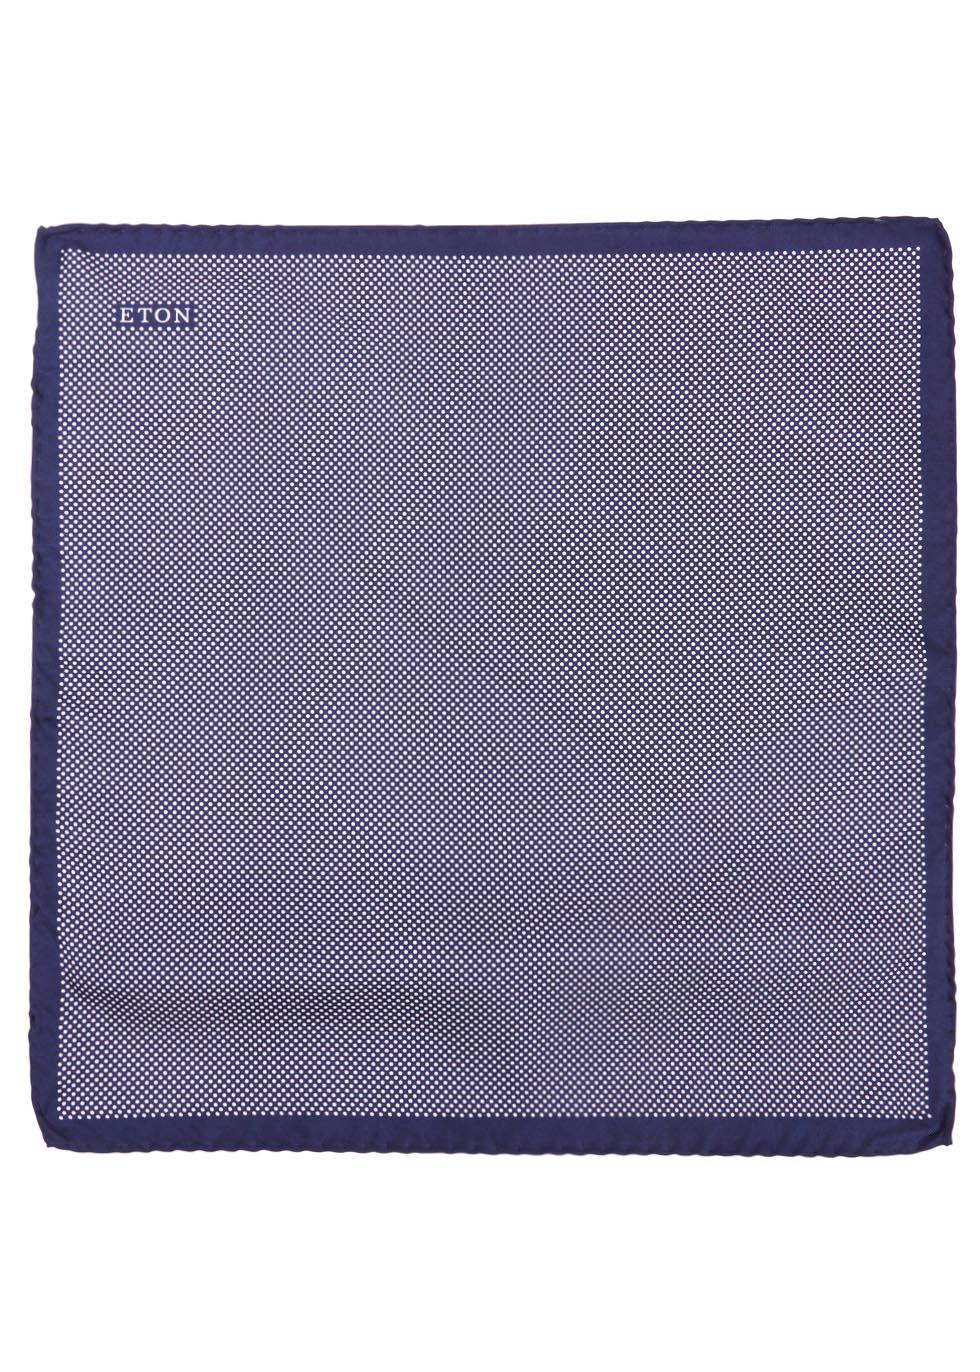 Navy polka-dot silk pocket square - Eton